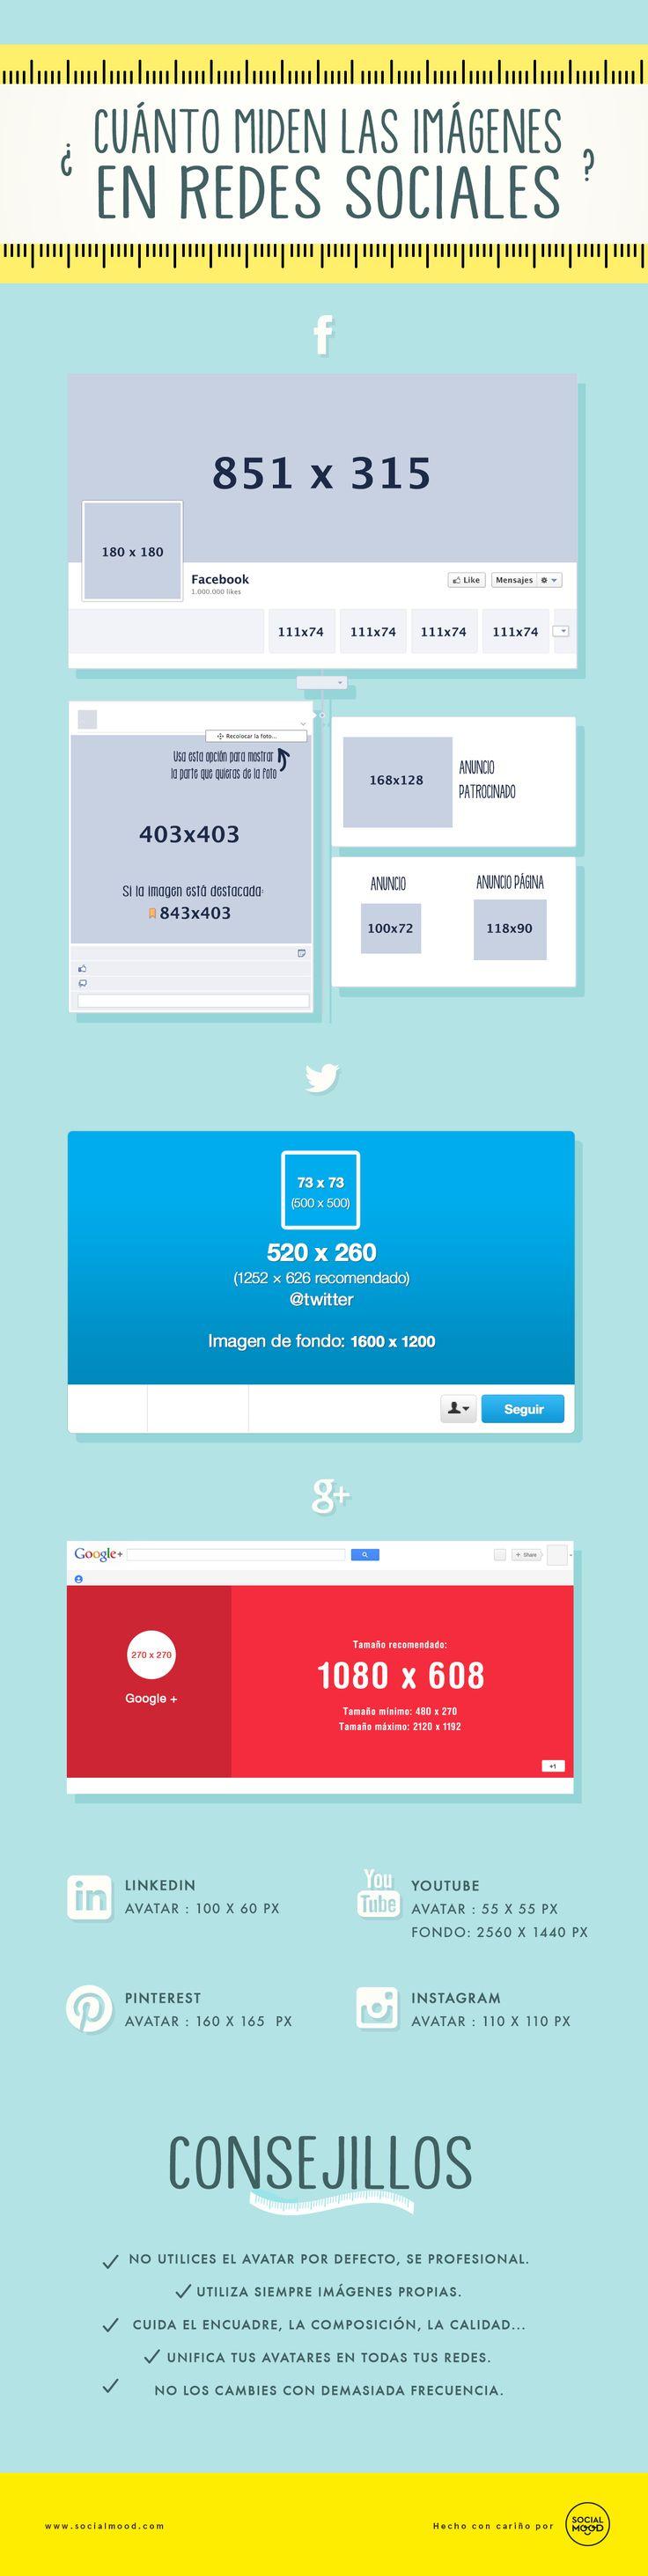 ¿Cuánto miden las imágenes en redes sociales? #Infografía en español